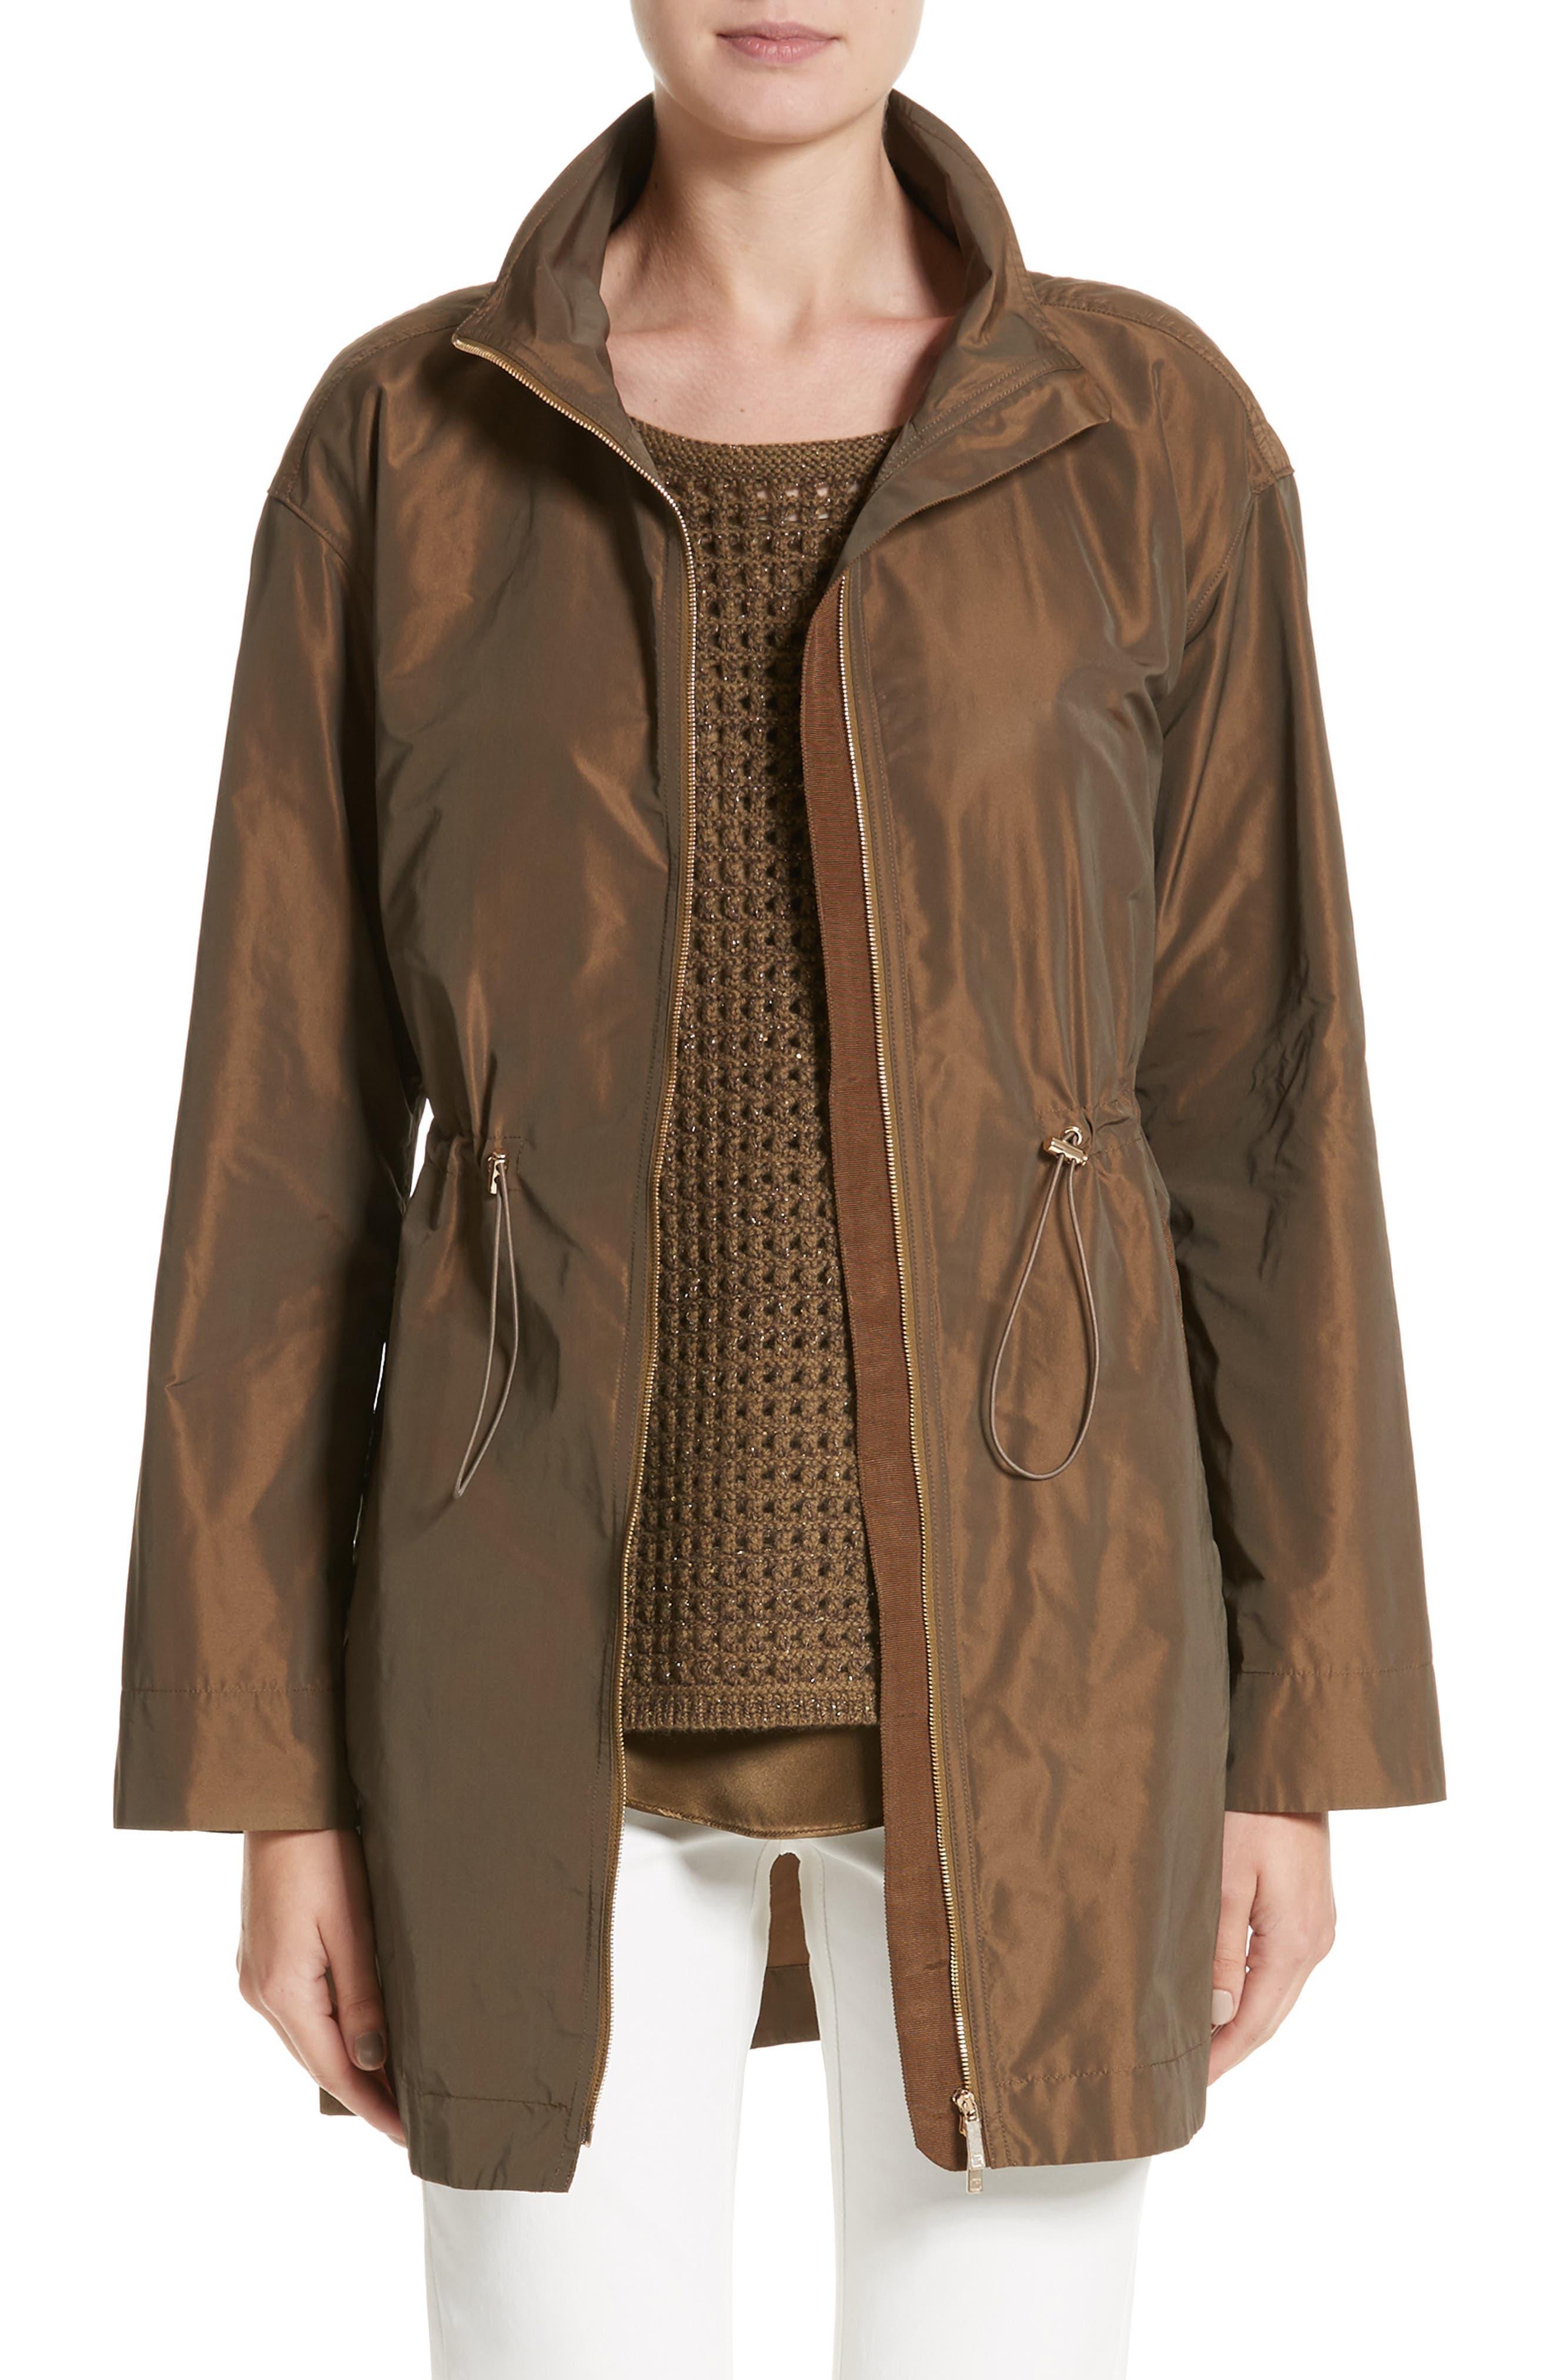 Main Image - Lafayette 148 New York Nikolina Packable Jacket